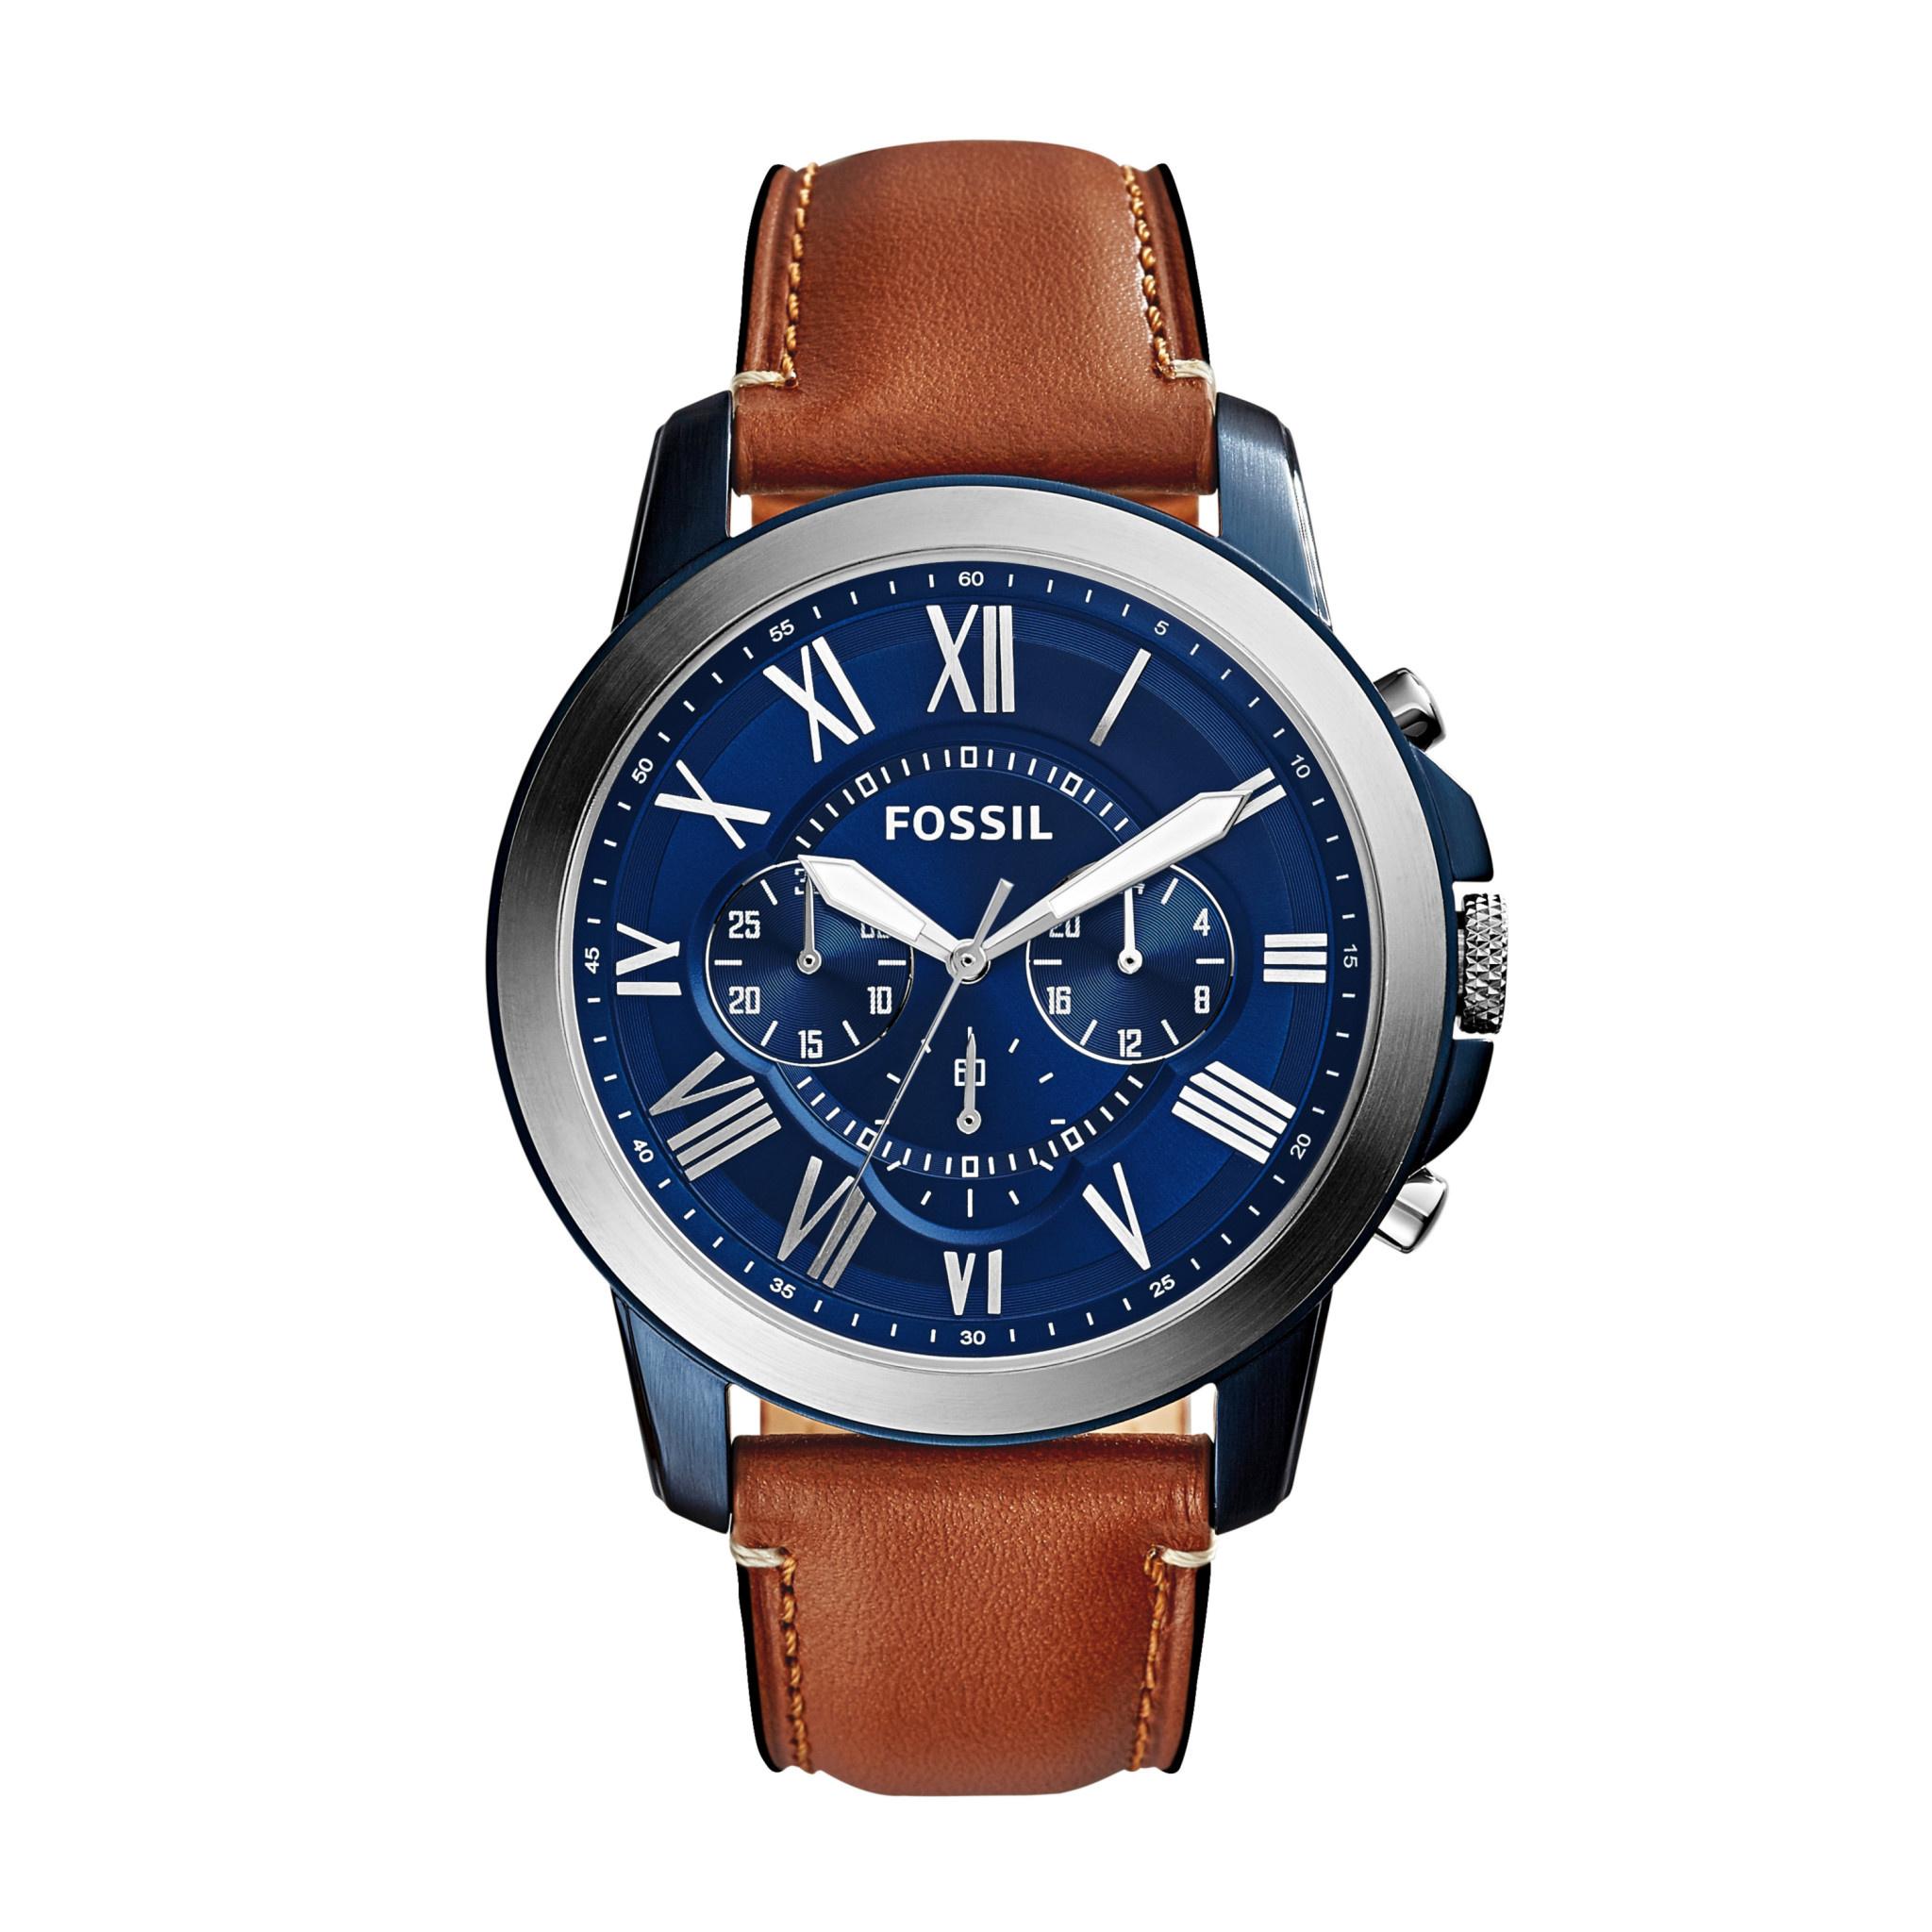 Grant Men's Watch FS5151-1